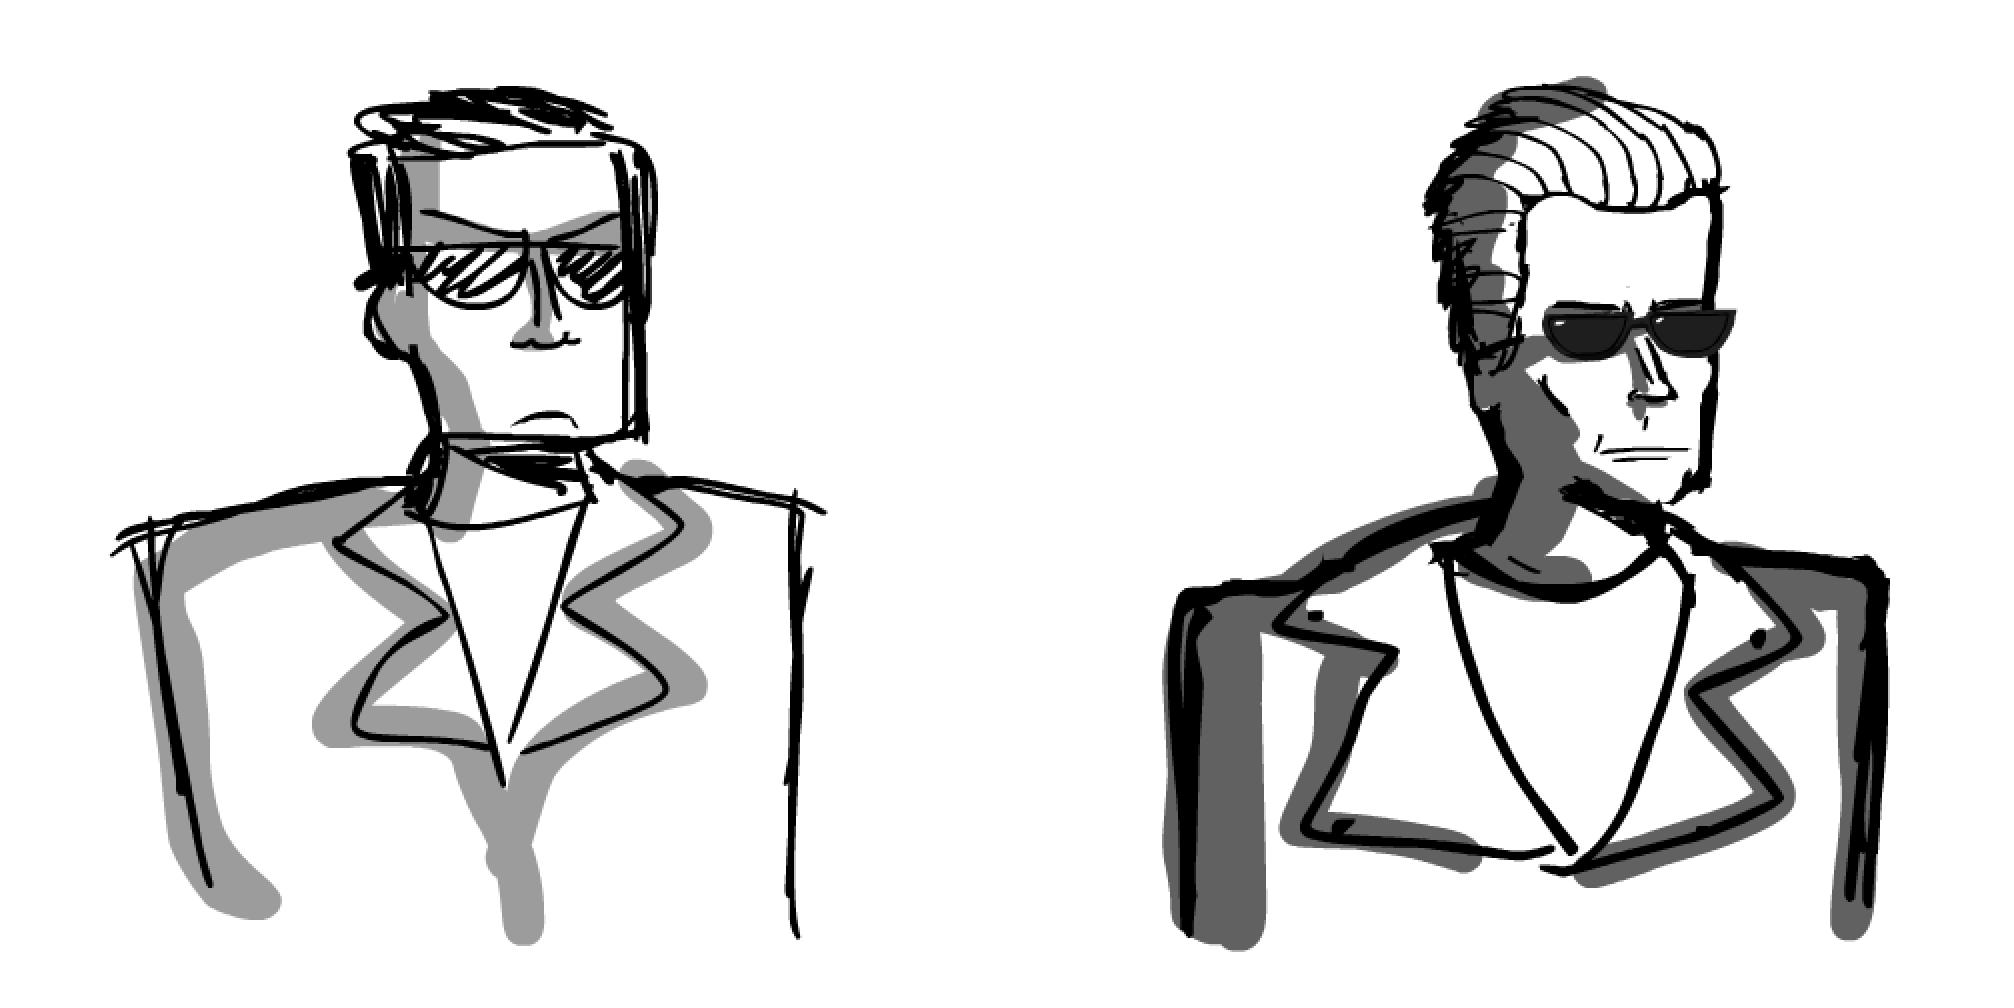 Terminator Designs